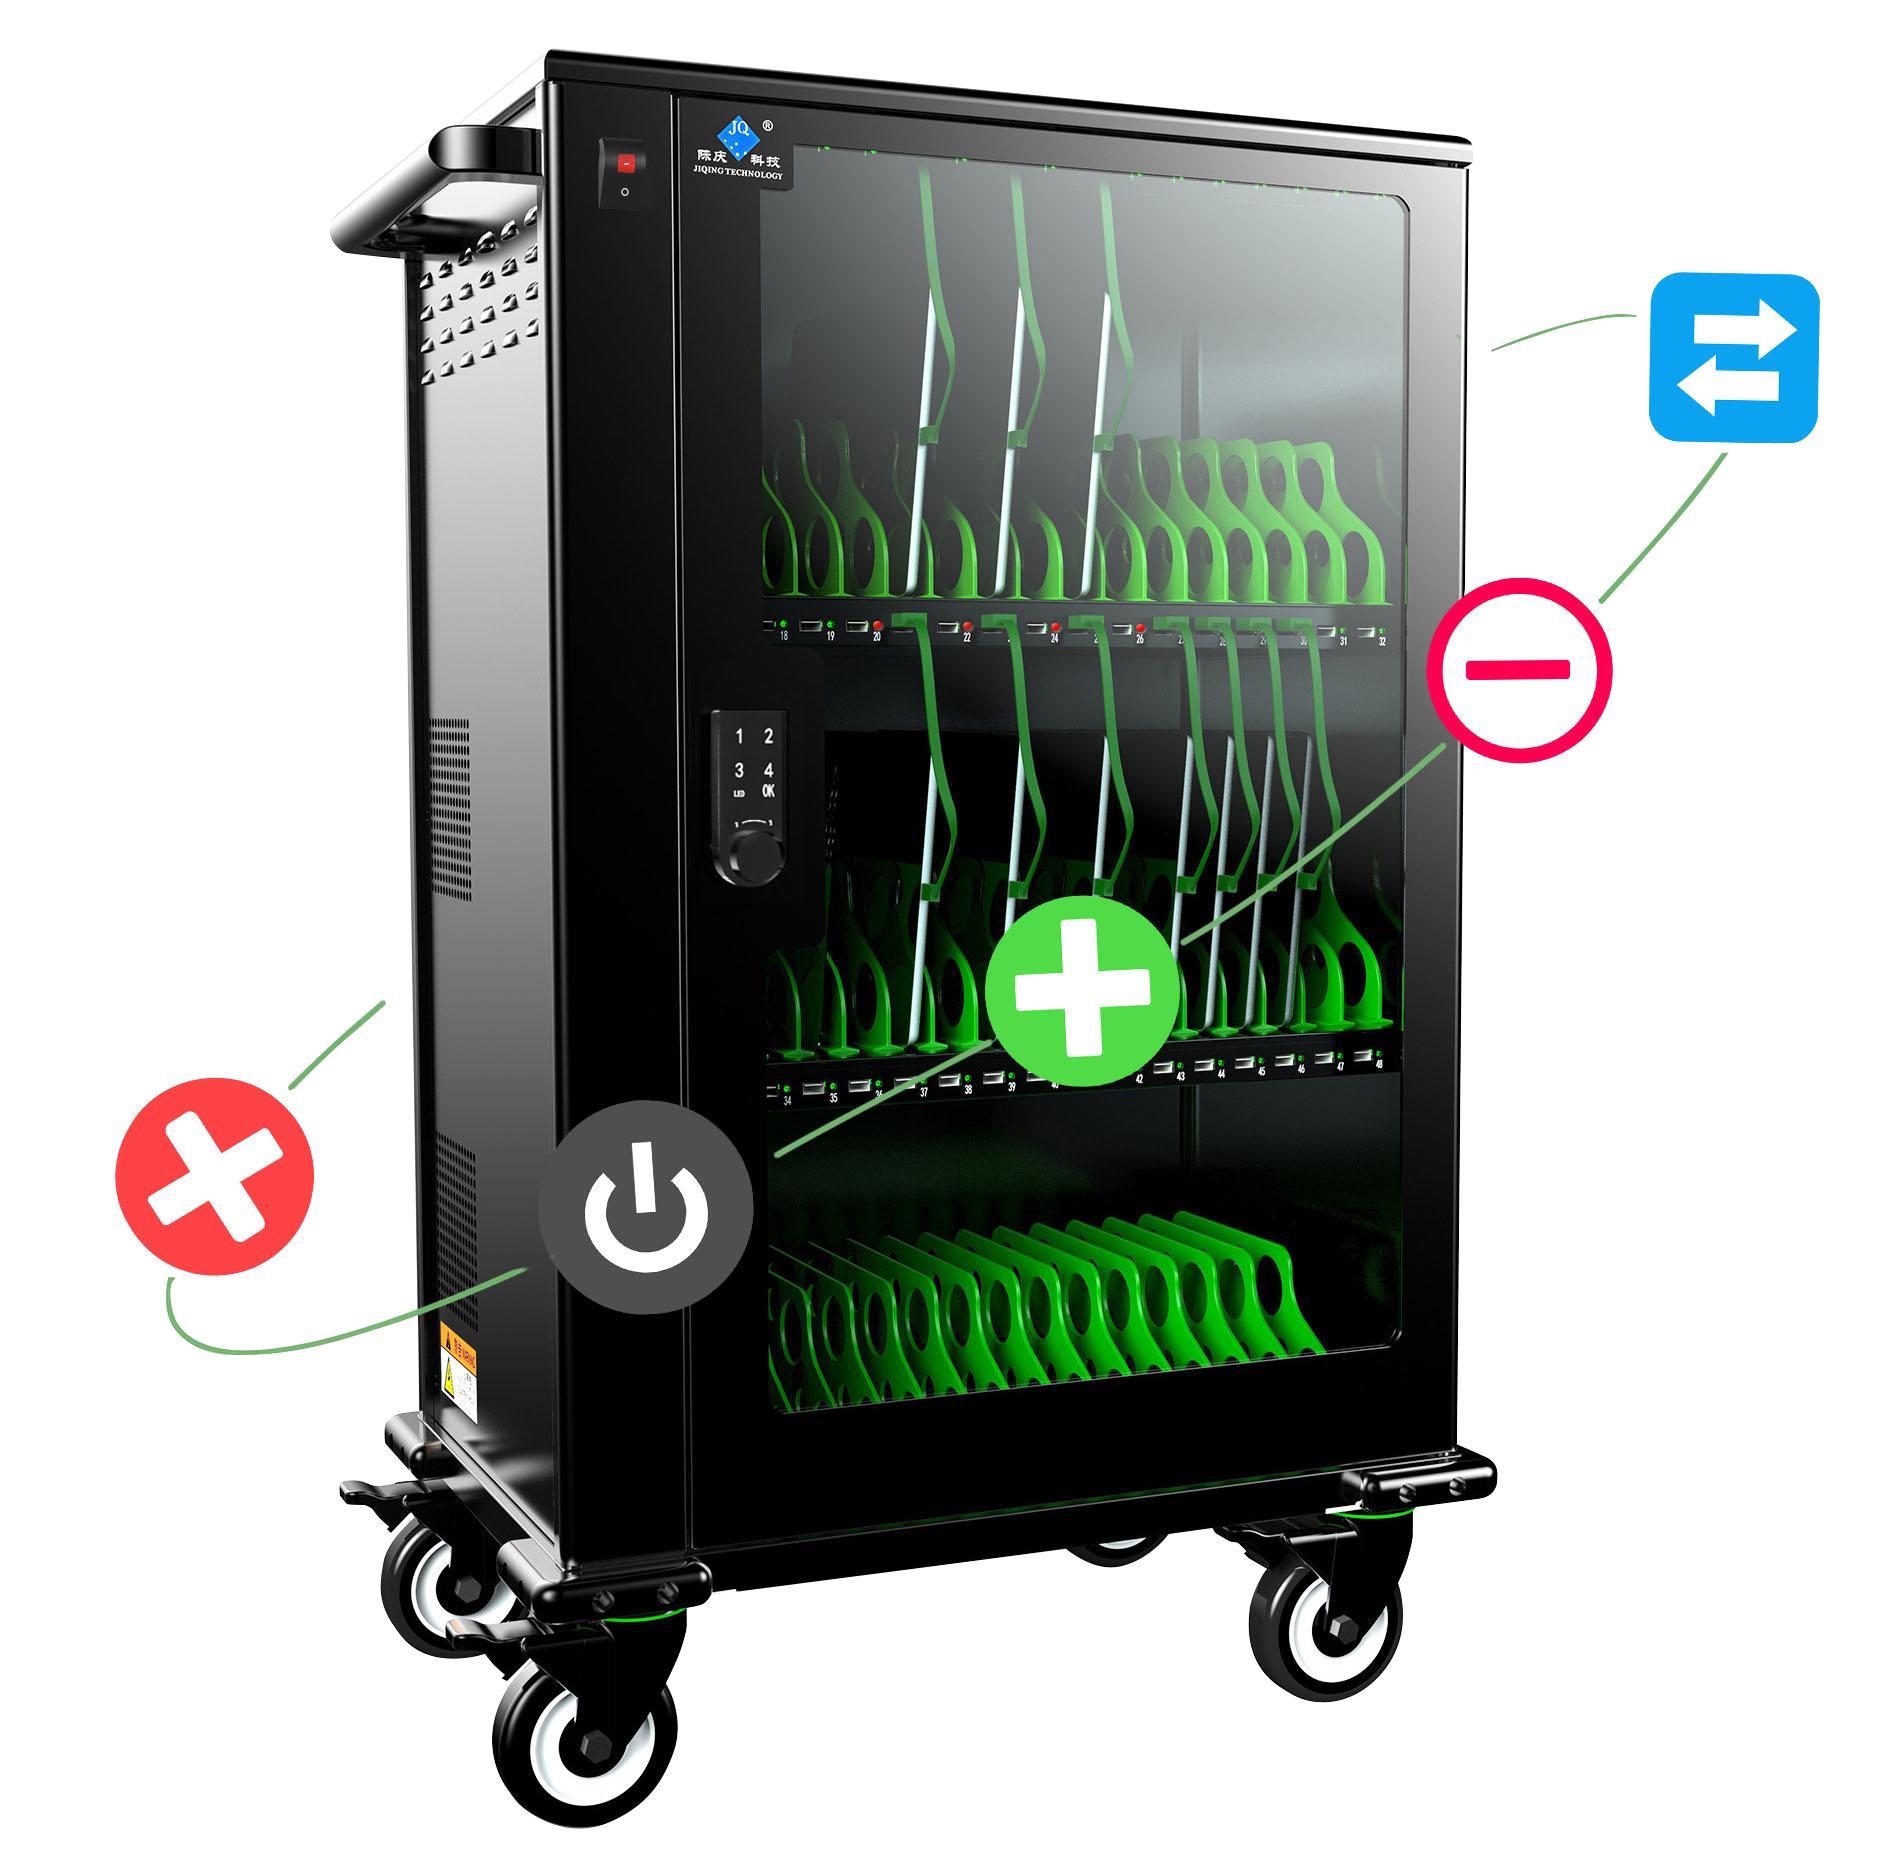 际庆科技数据同步充电柜sync48(数据同步传输)智慧课专用充电柜